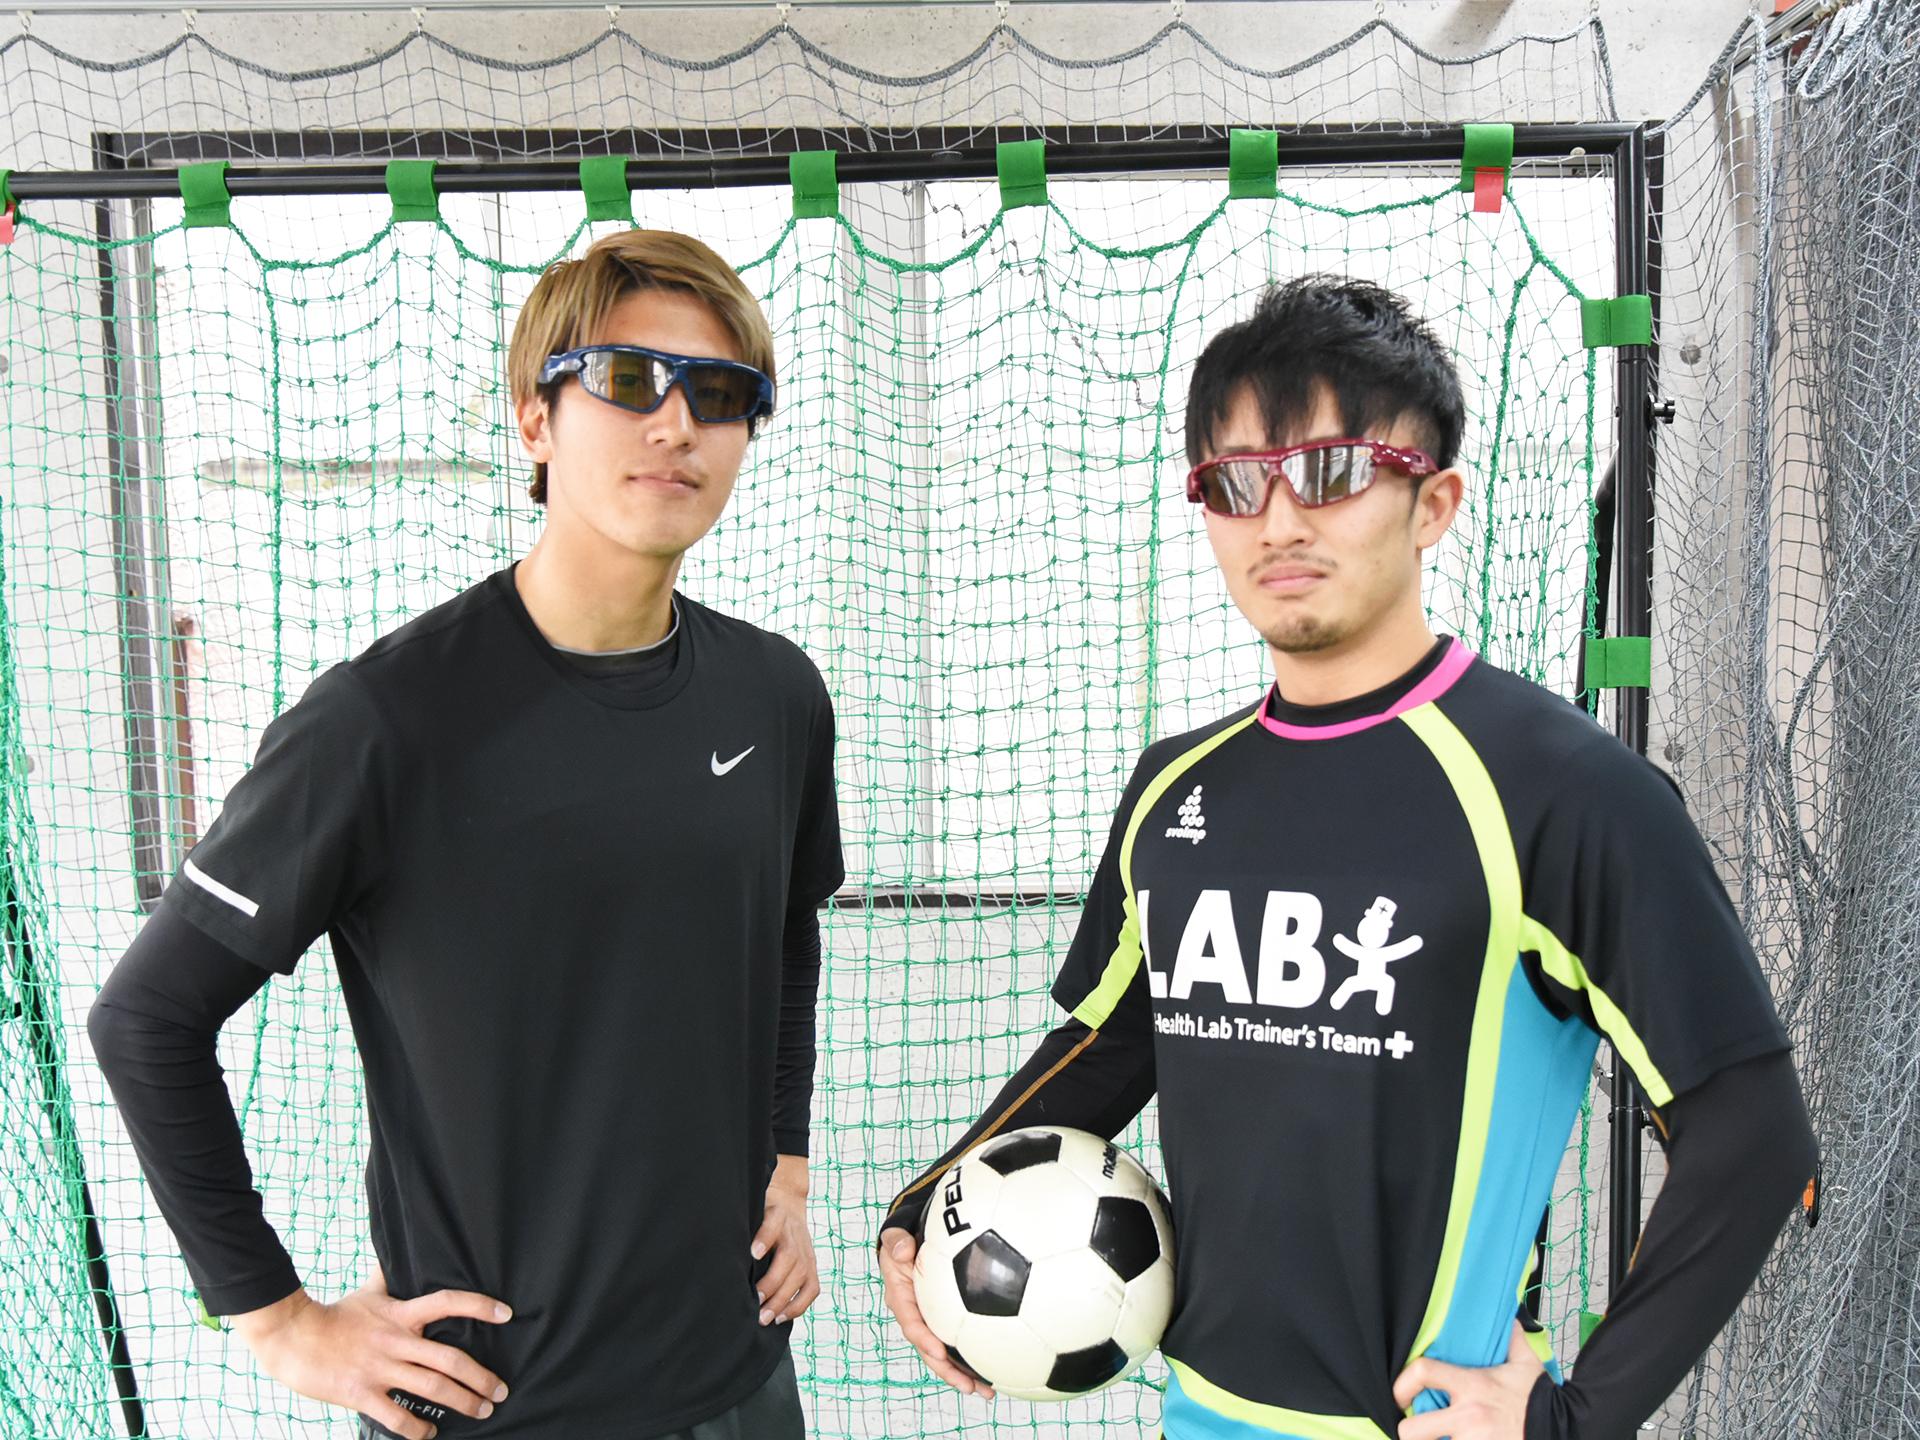 【検証】プロサッカー選手が3ヶ月間ビジョナップを使ってみた結果